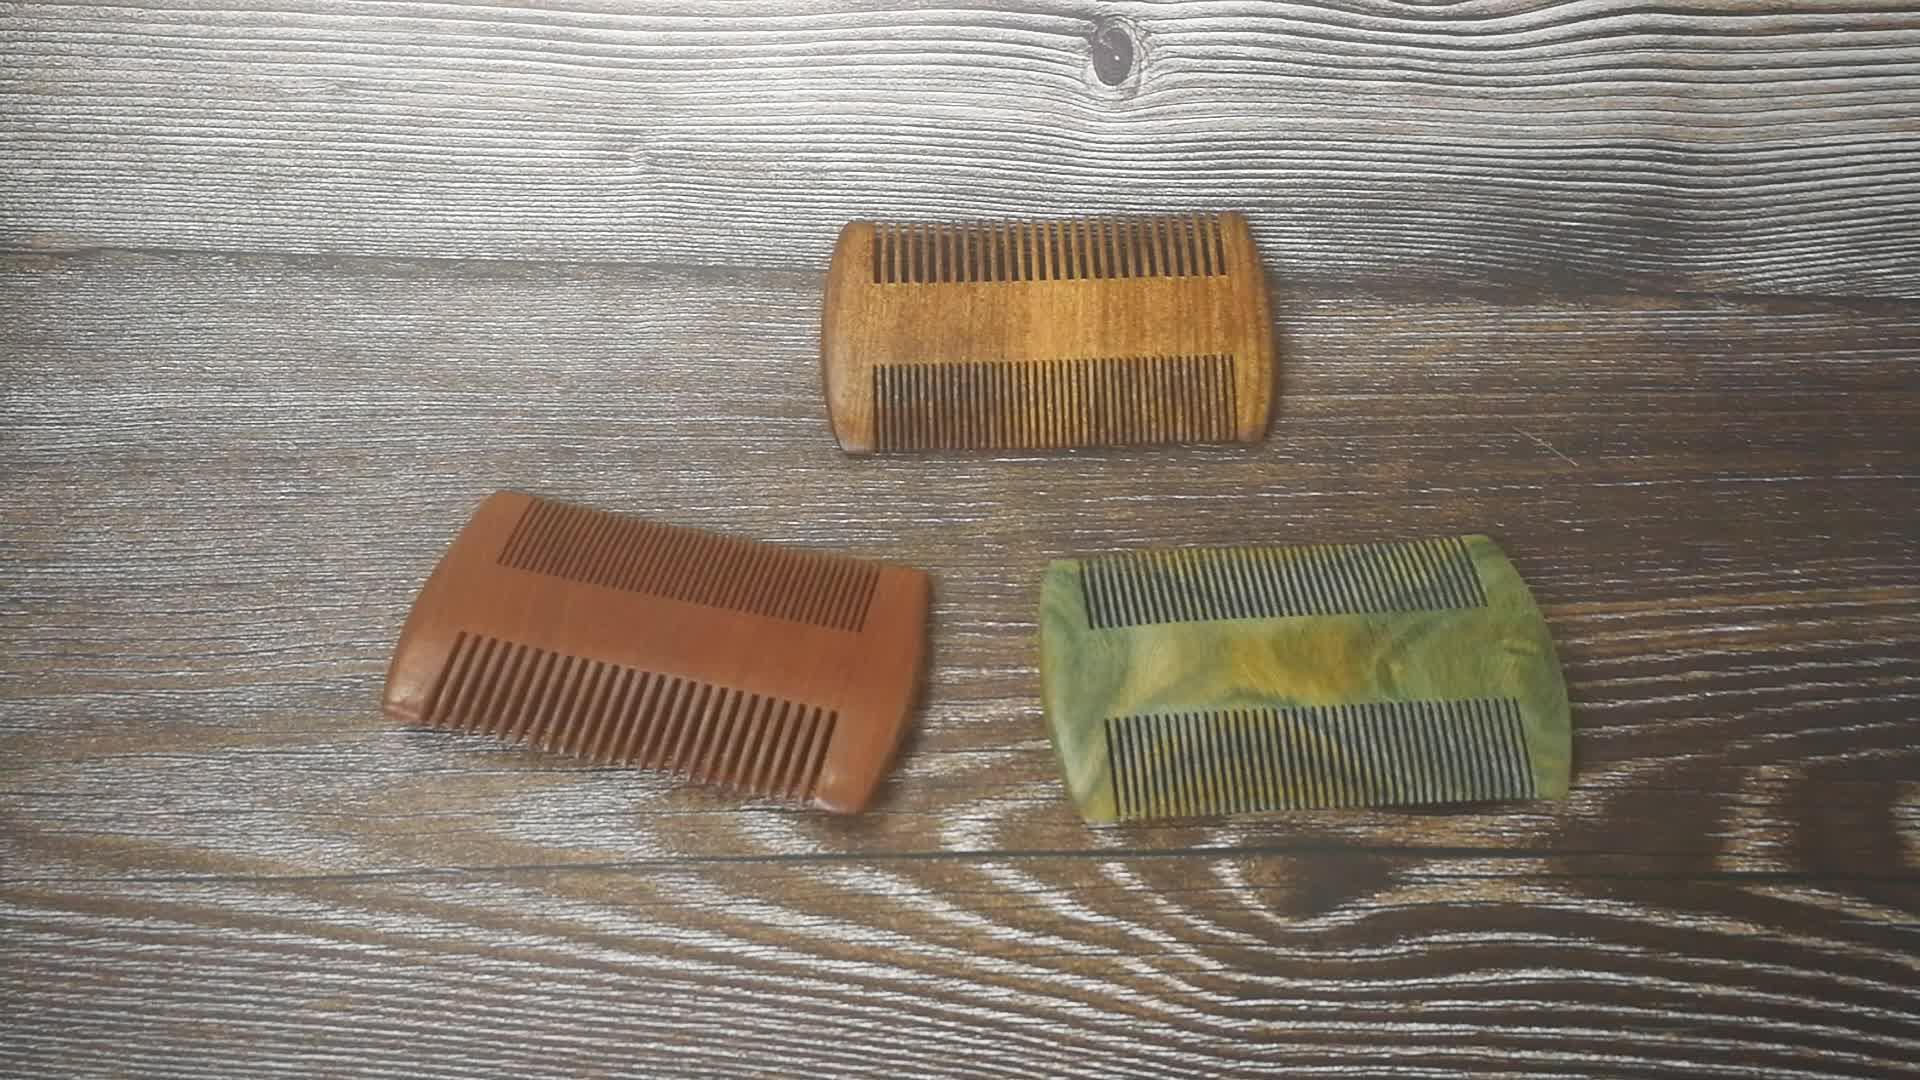 ขายส่งหวีเคราไม้สำหรับ man comb